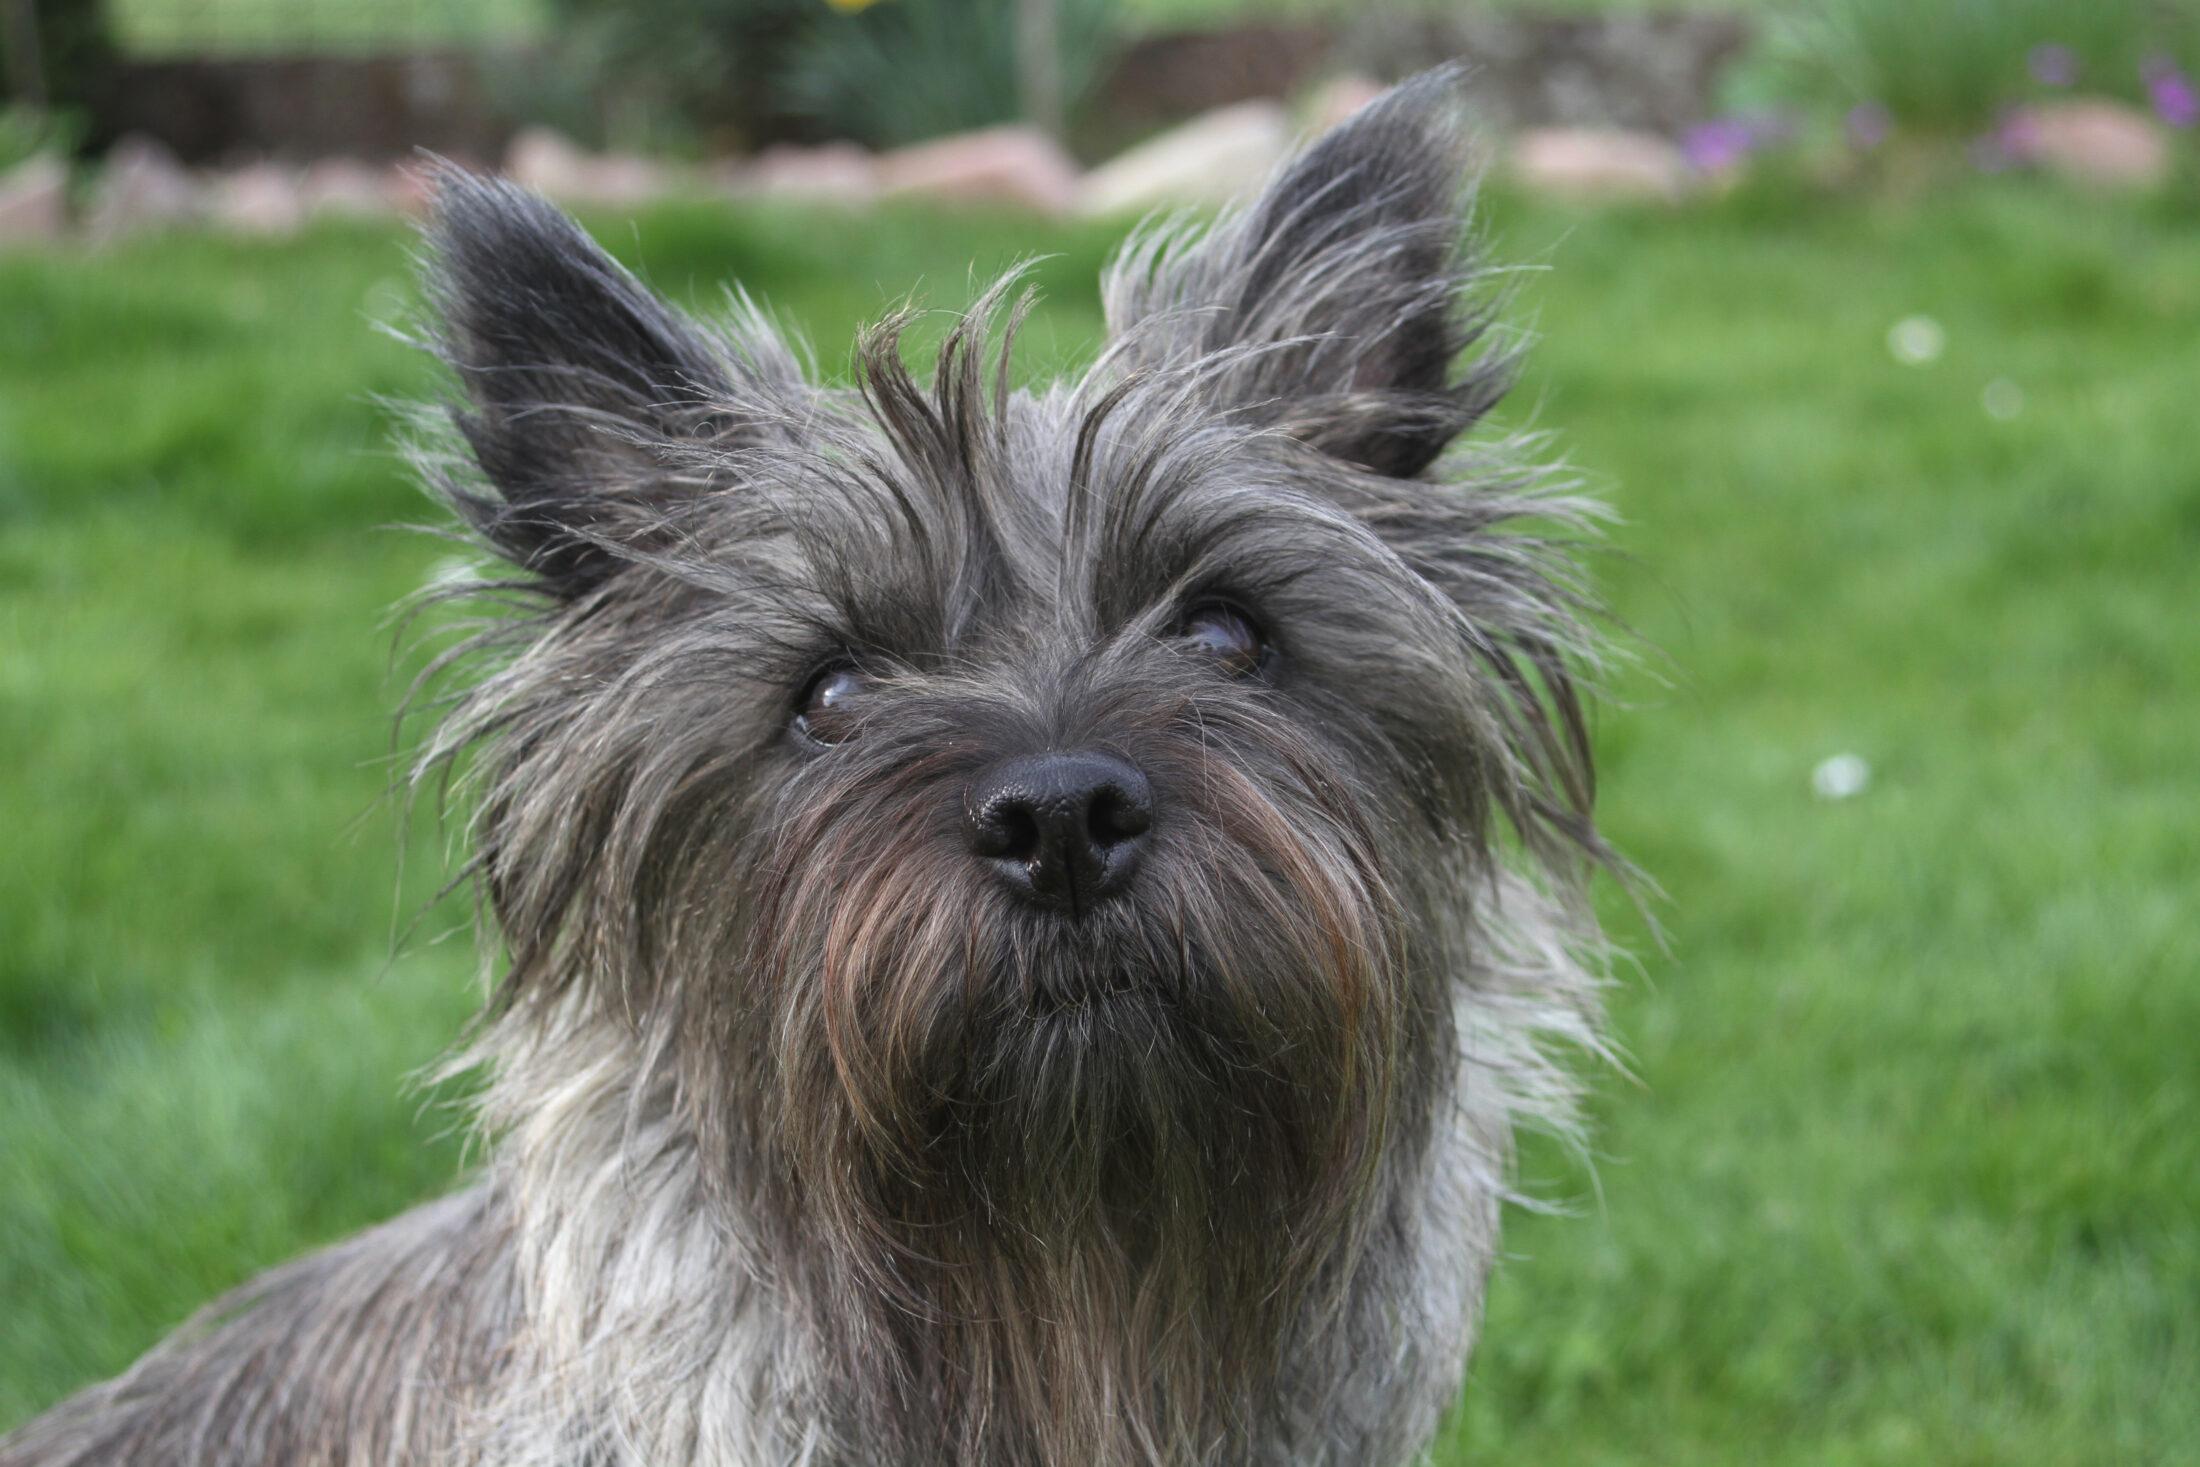 cachorros para idosos Cairn,Terrier